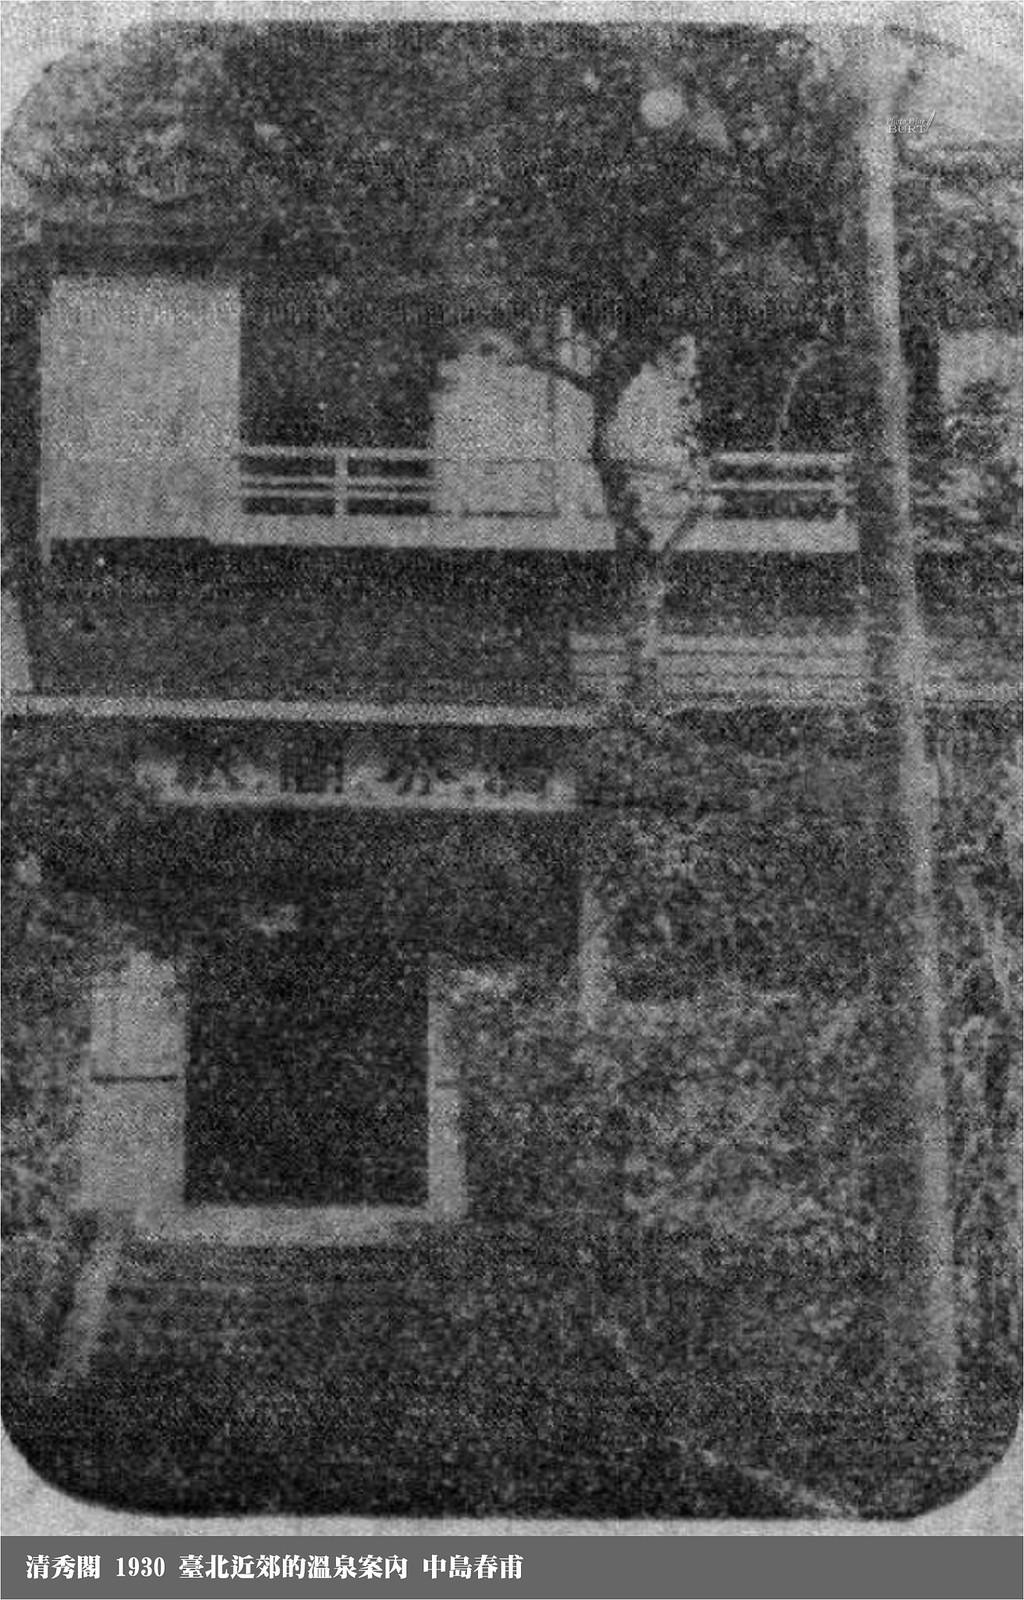 清秀閣_1930_臺北近郊的溫泉案內_中島春甫